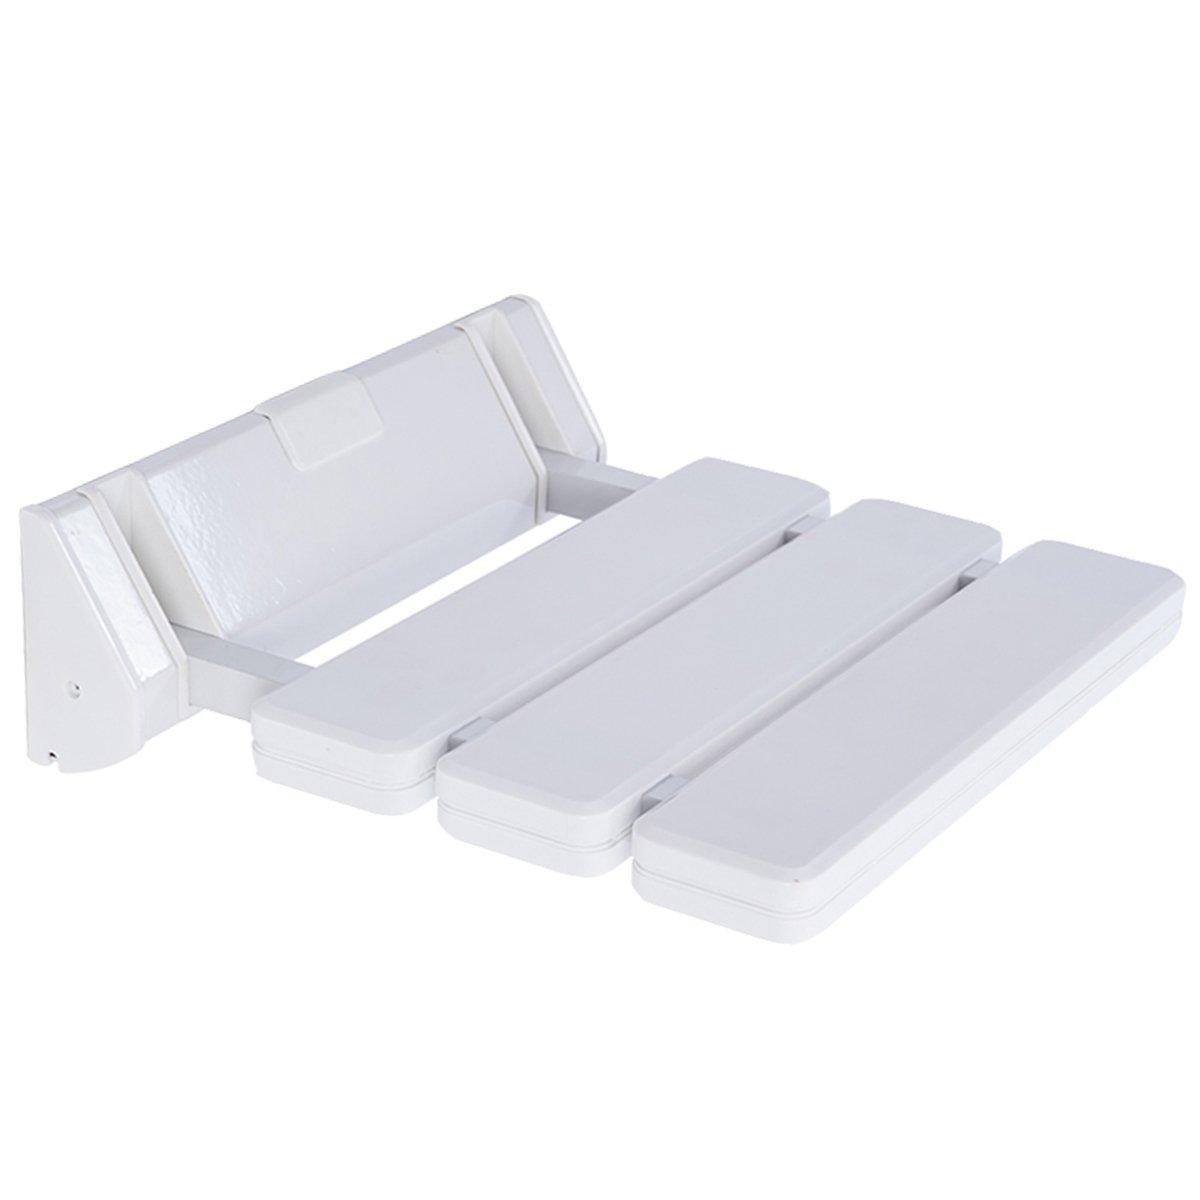 DXP Sedile ribaltabile per doccia ribaltabile pieghevole fino a 130kg risparmio spazio bagno montaggio a parete Bianco JCH01